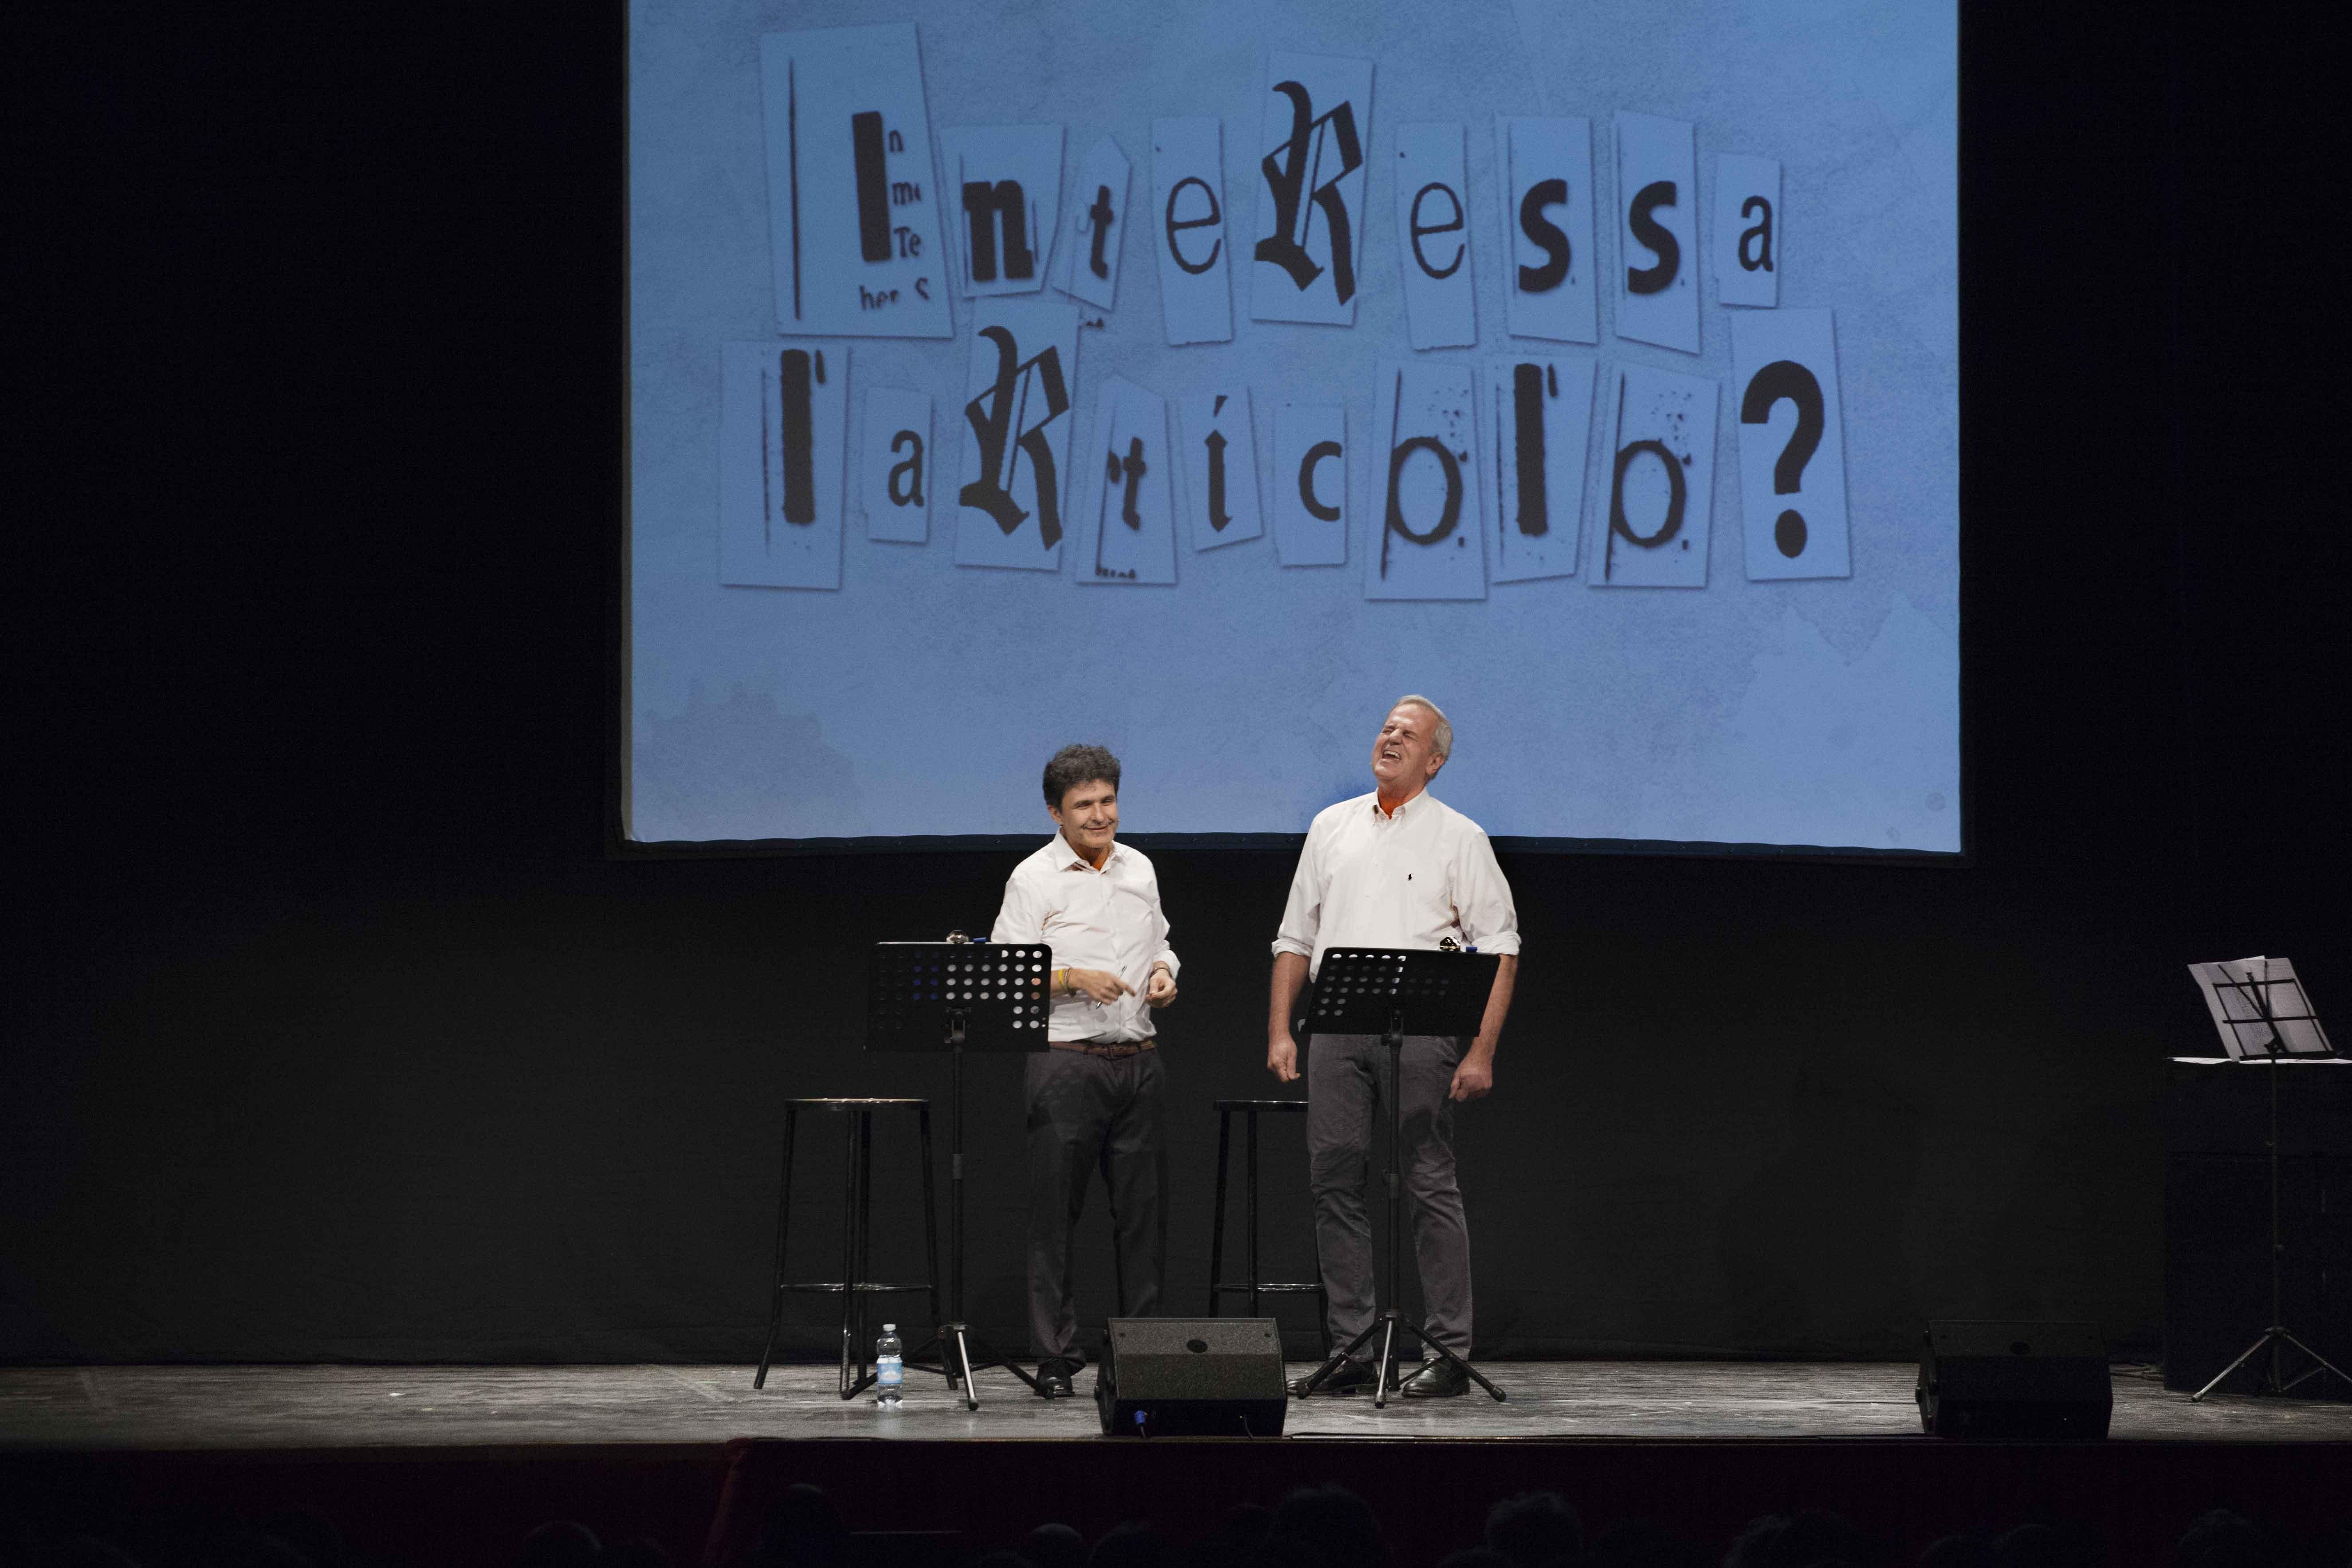 Teatro Manzoni: Enrico Bertolino in Interessa l'articolo?, spettacolo di attualità, politica e satira